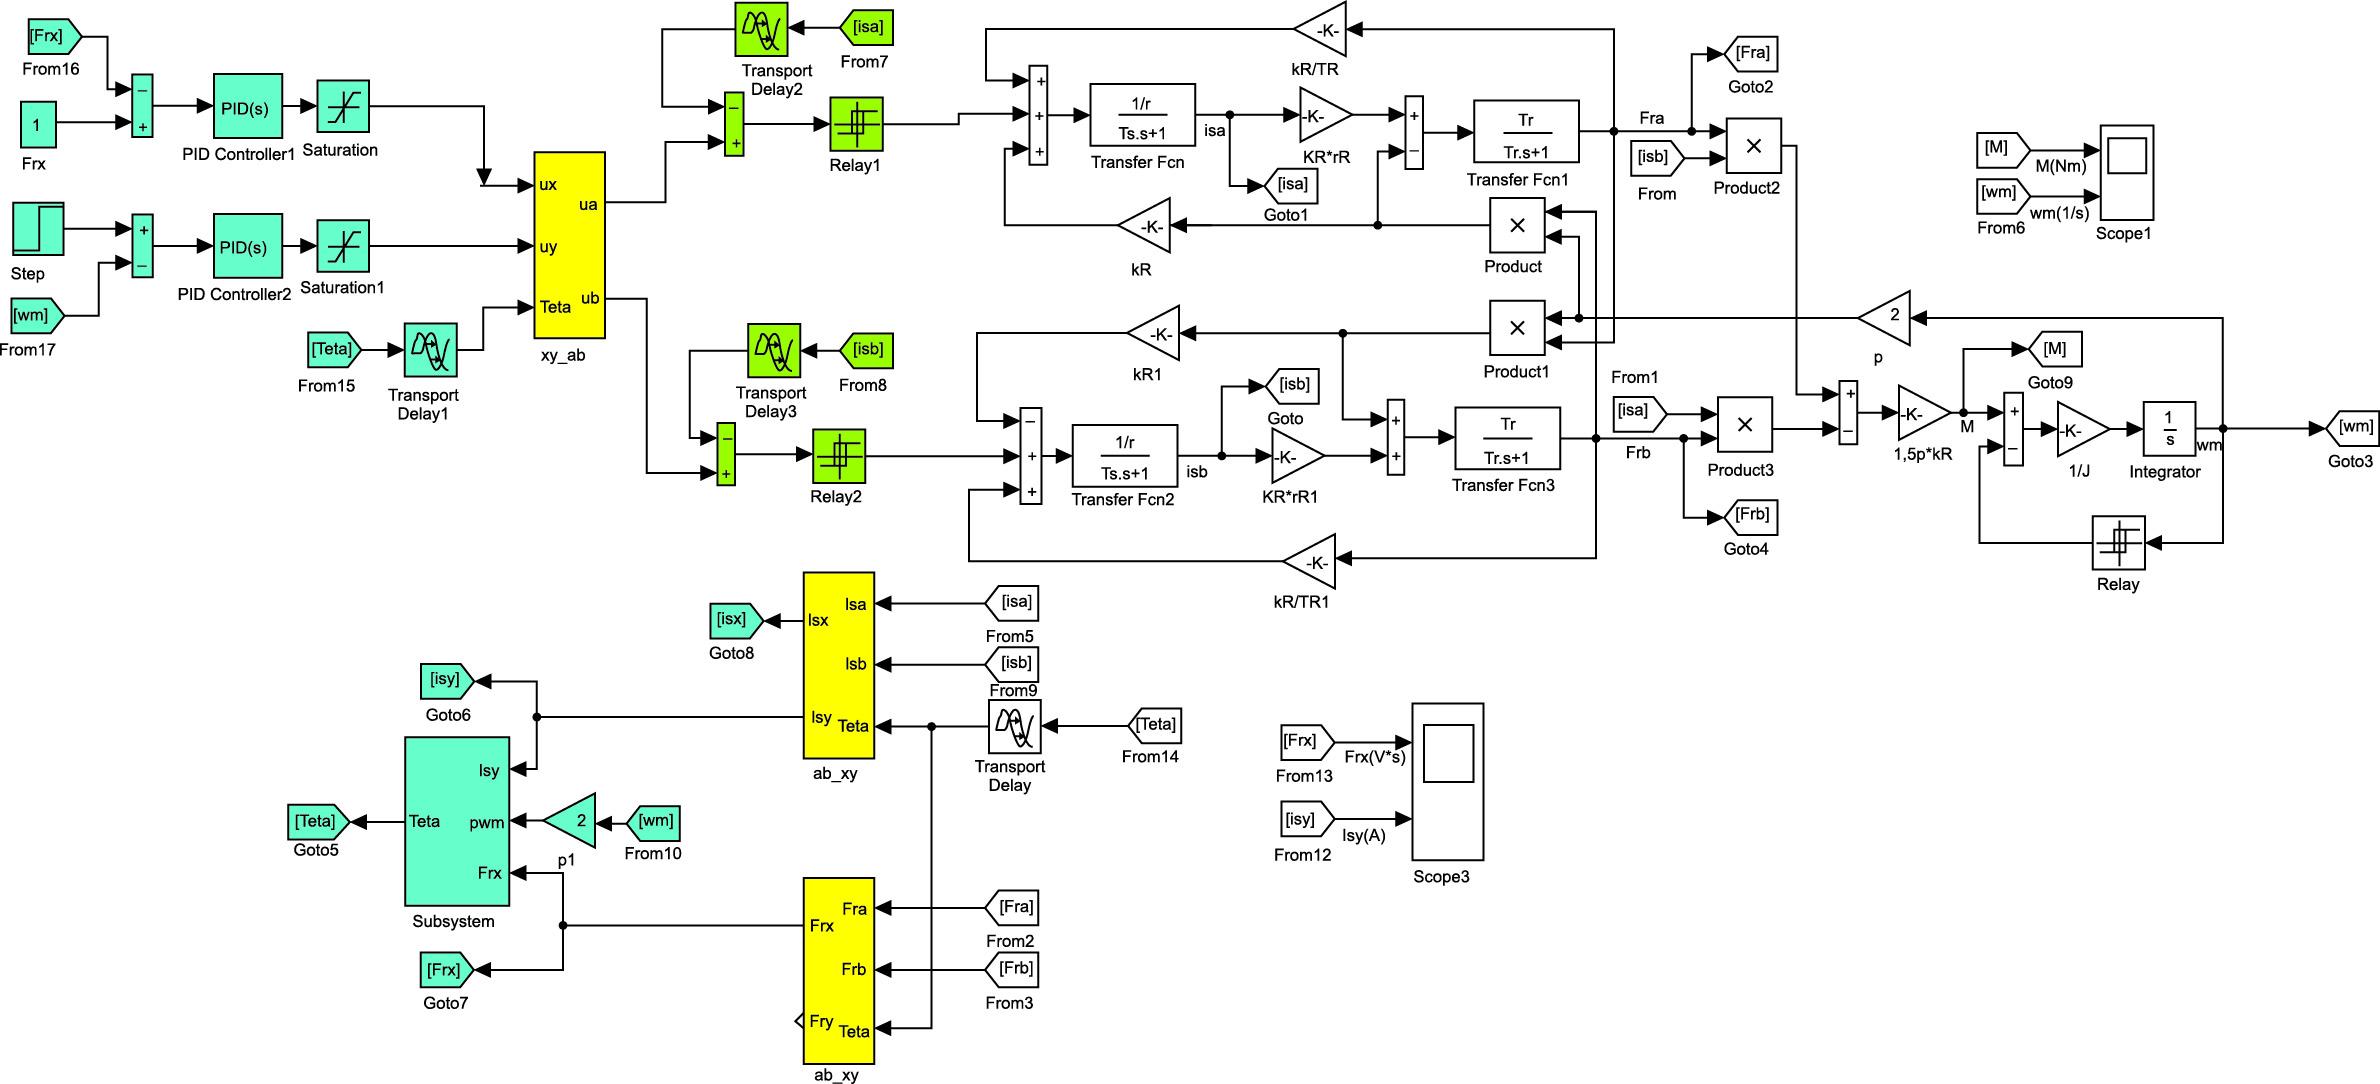 Структурная модель электропривода с двойным преобразованием системы координат